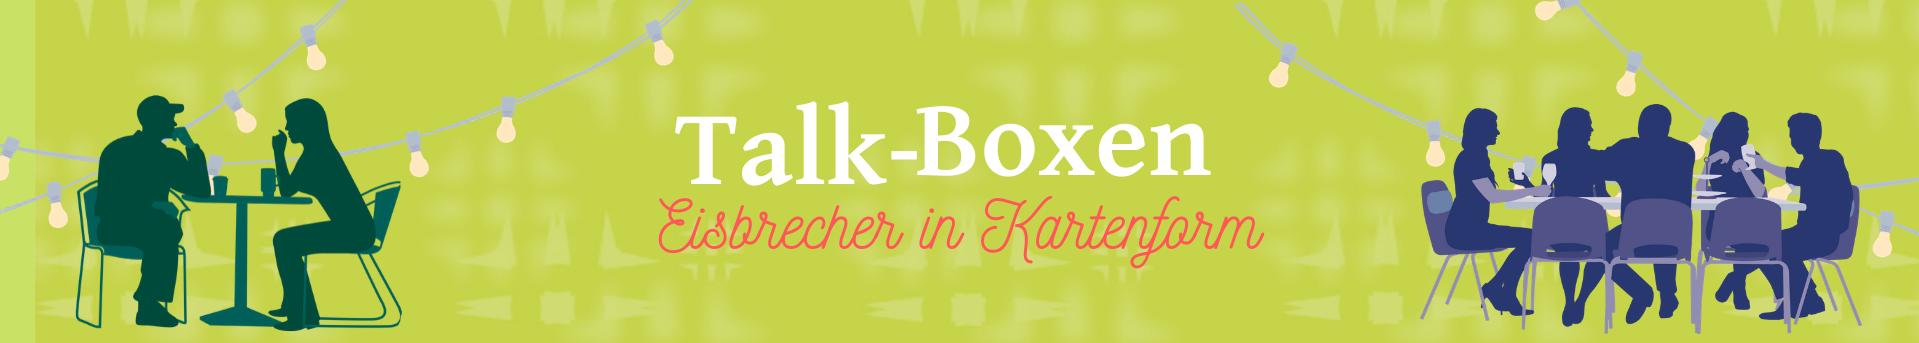 Talk-Boxen